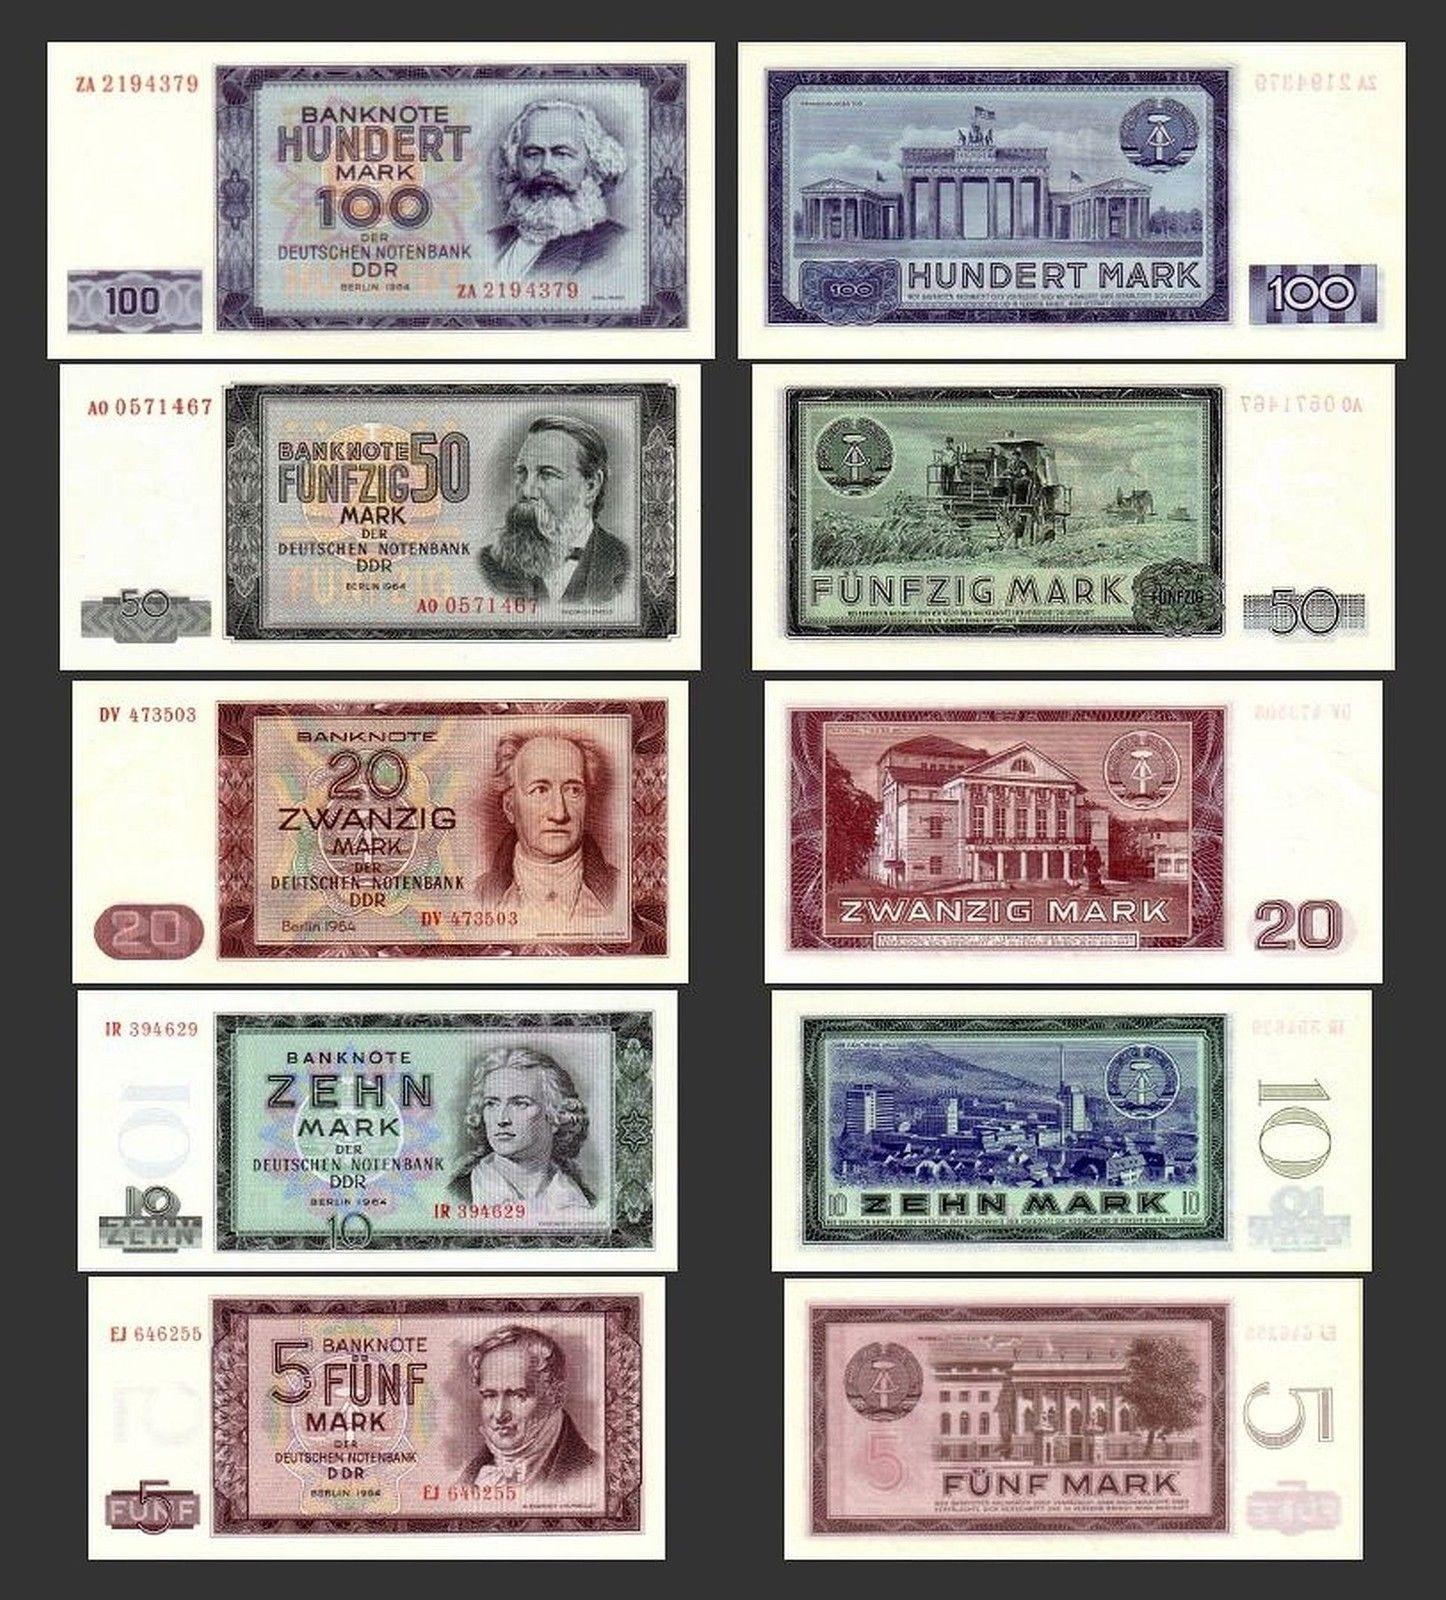 5 10 20 50 100 Ddr Mark Banknoten 1964 Alte Ddr Wahrung Ddr Ddr Geld Ddr Bilder